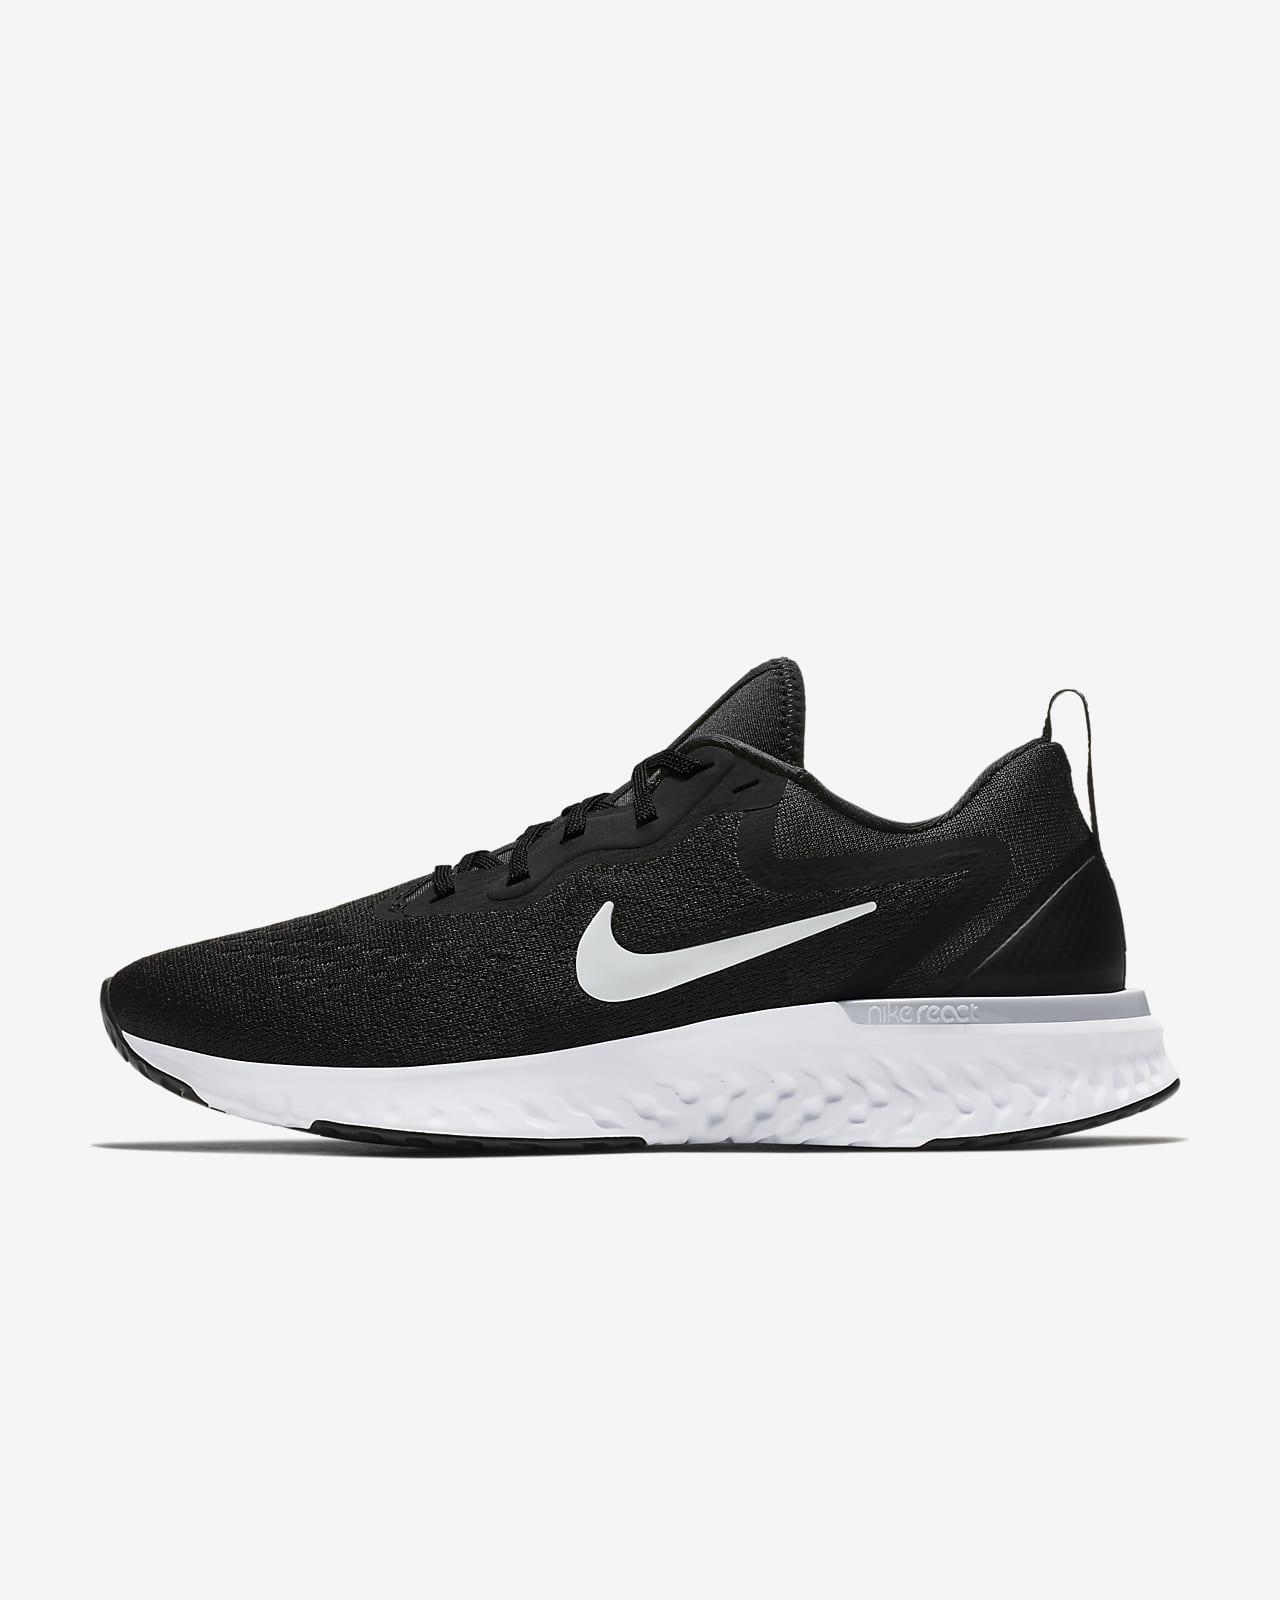 Γυναικείο παπούτσι για τρέξιμο Nike Odyssey React